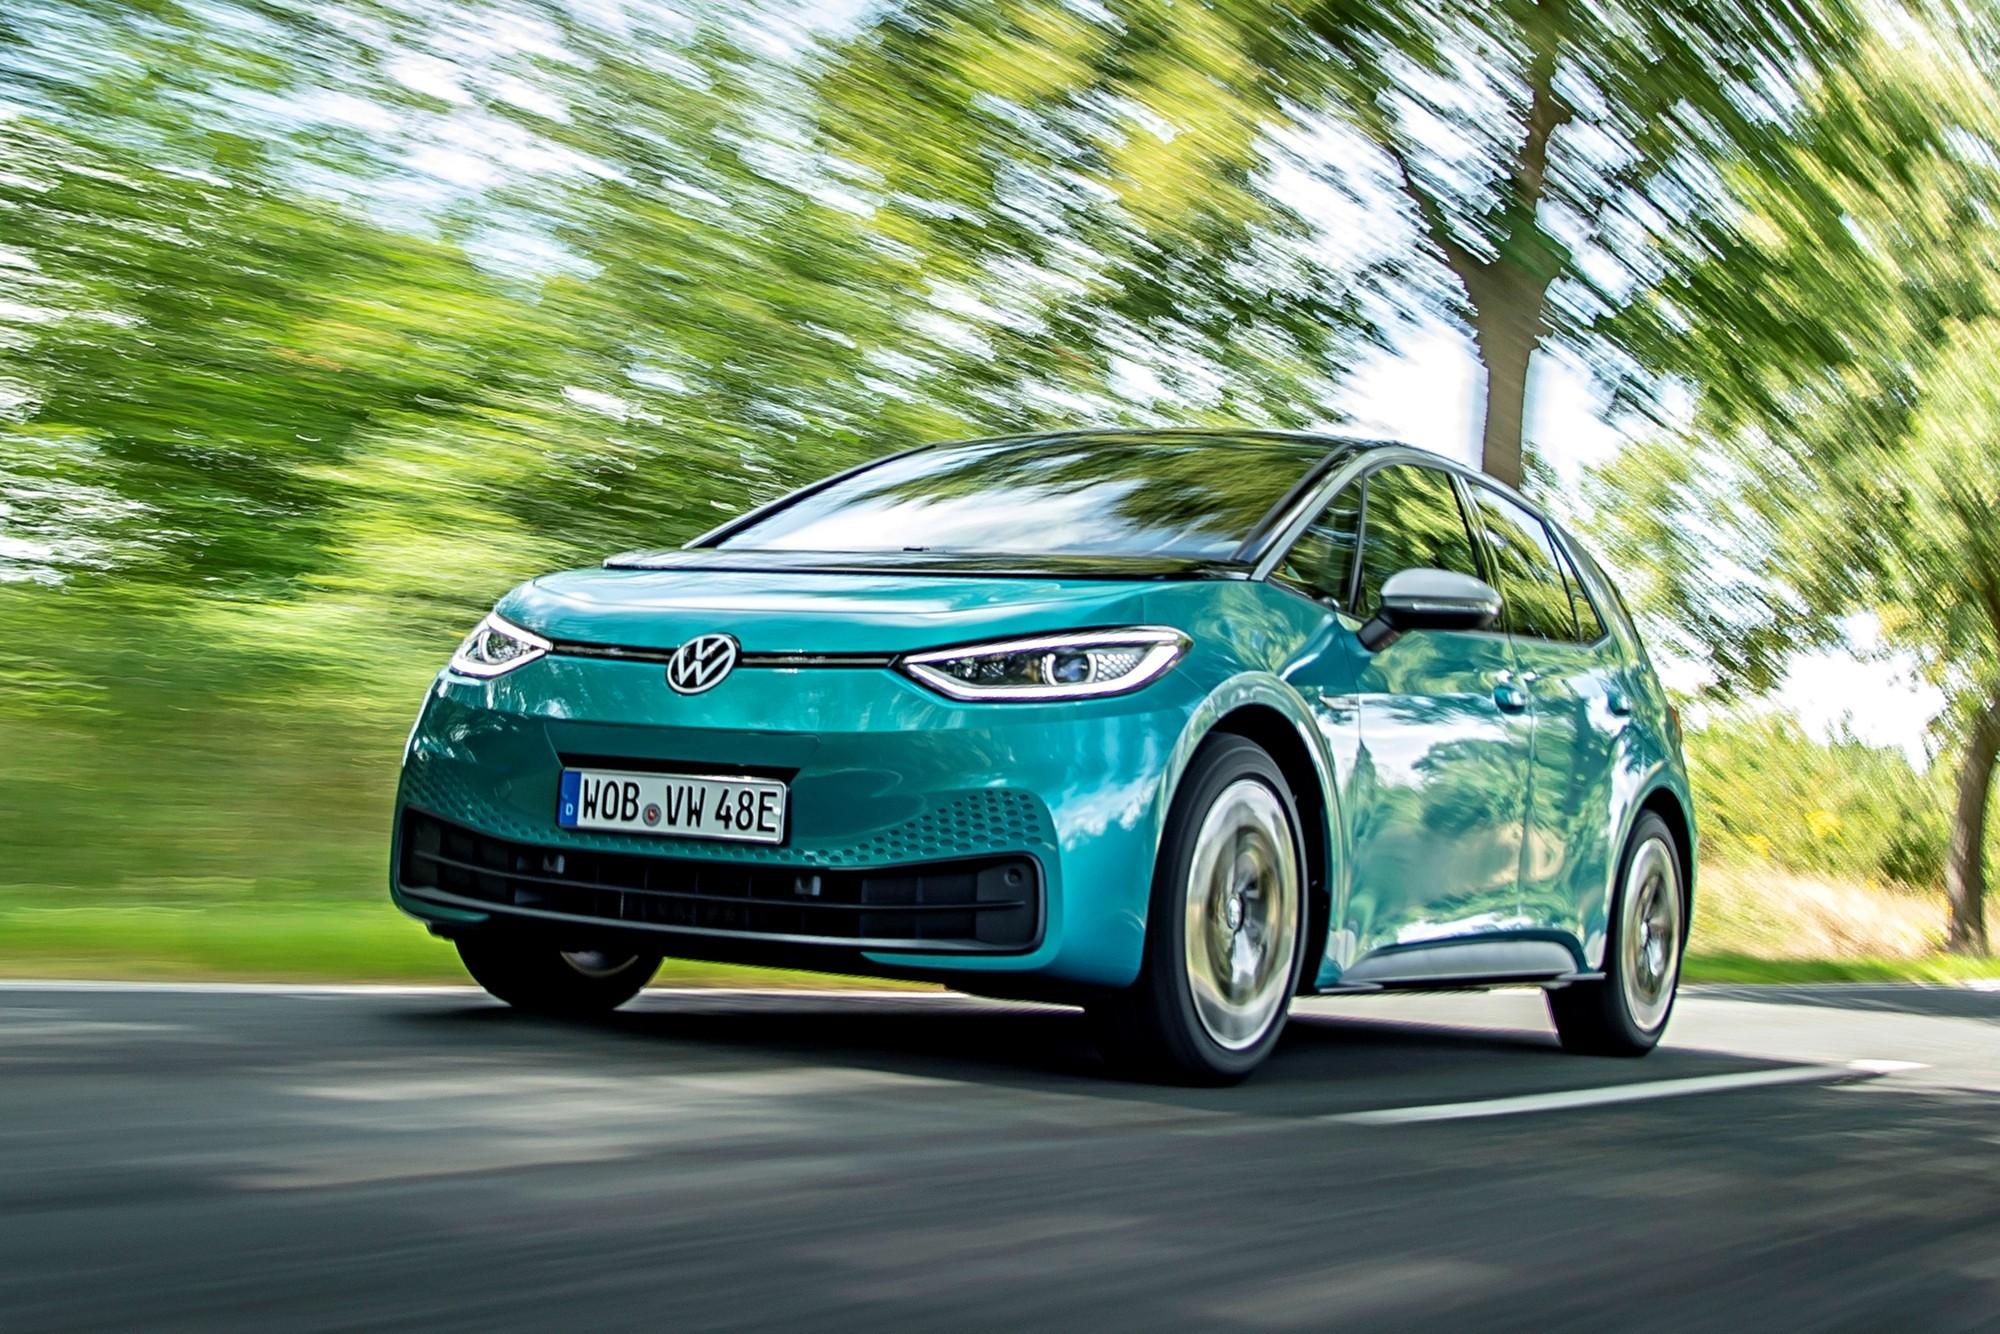 Проблемы с качеством у VW ID.3: плохая покраска, кривые зазоры, глючная электроника